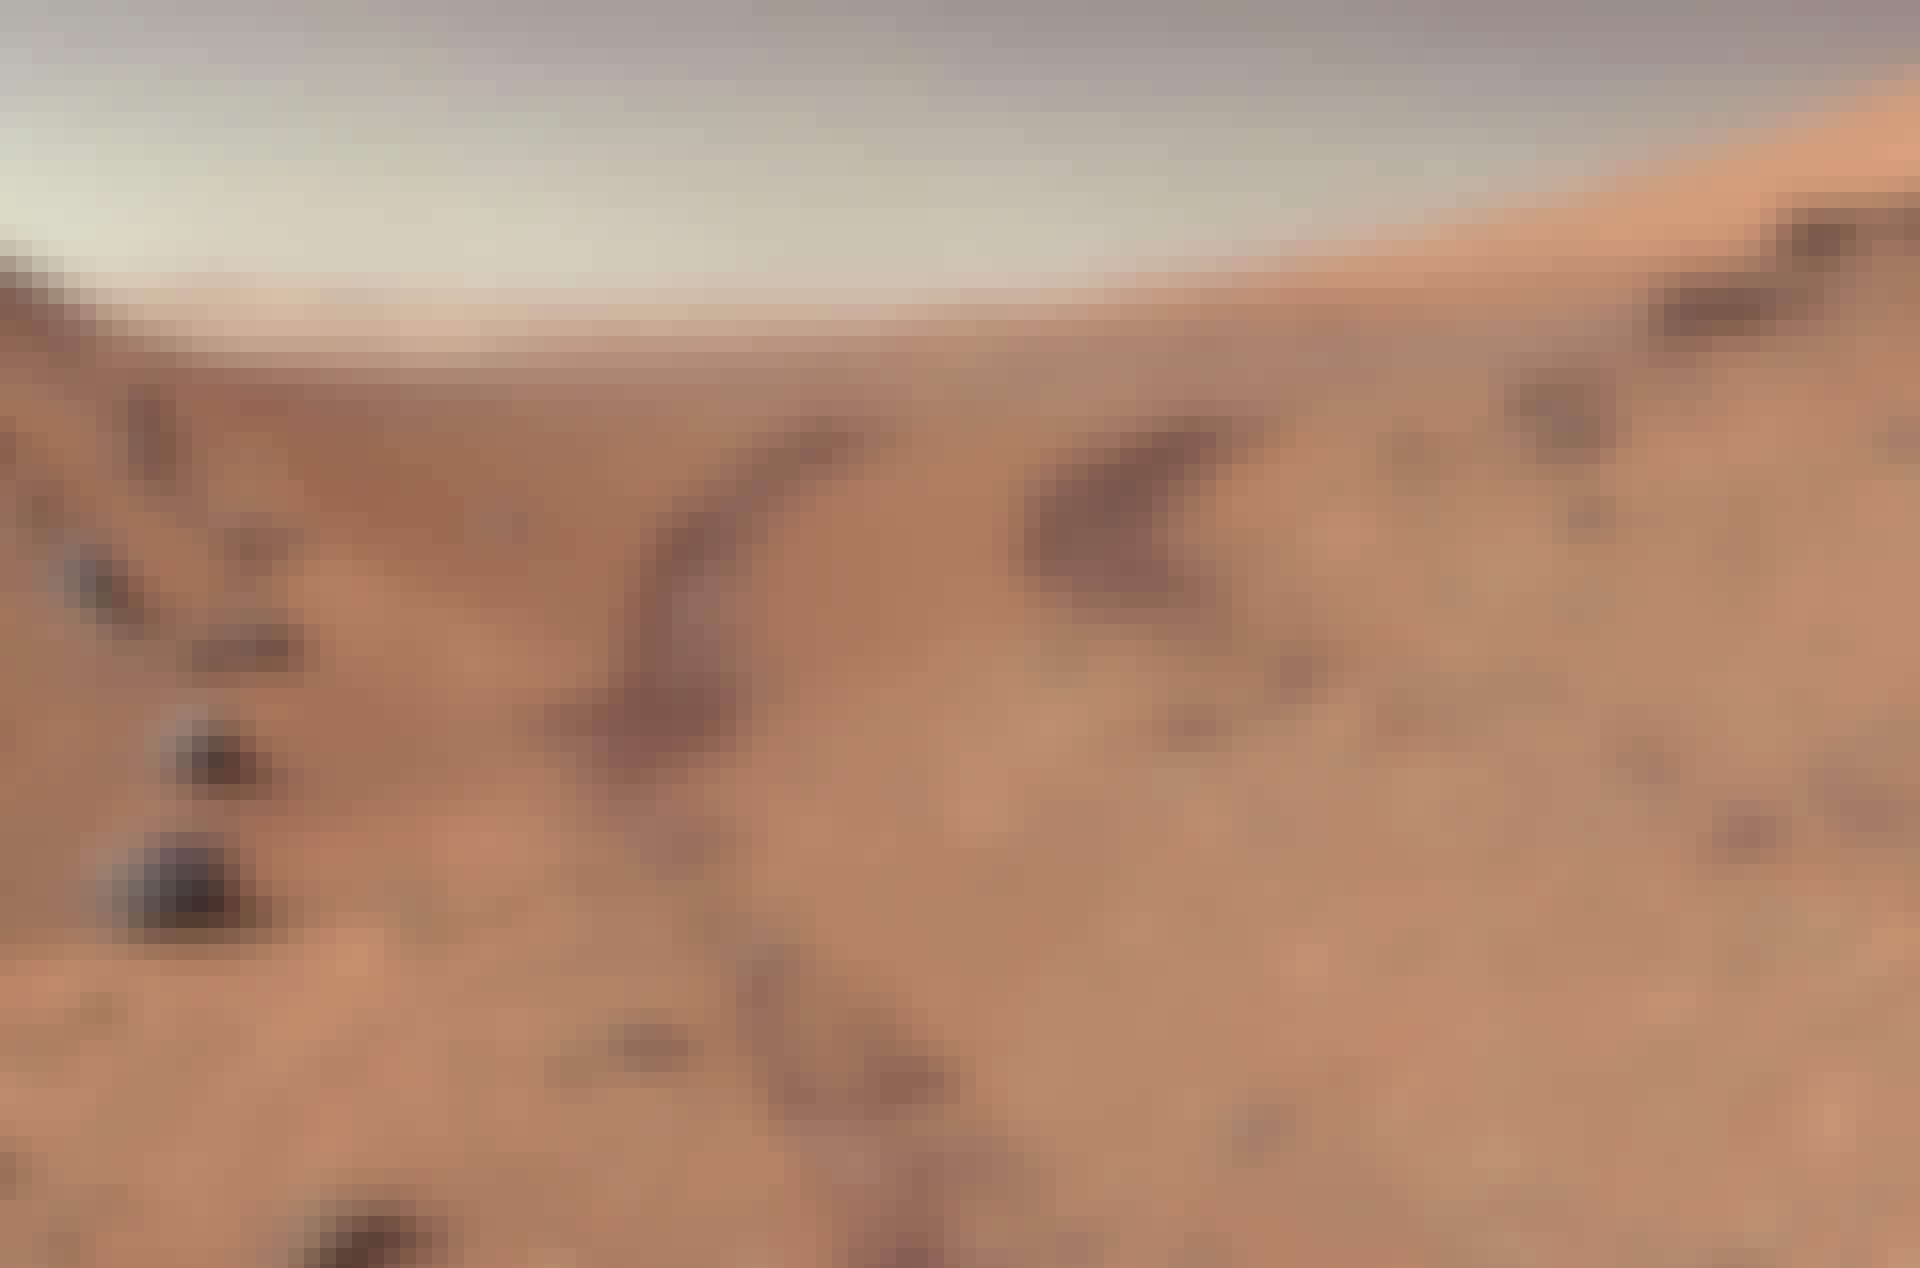 Mars overflade